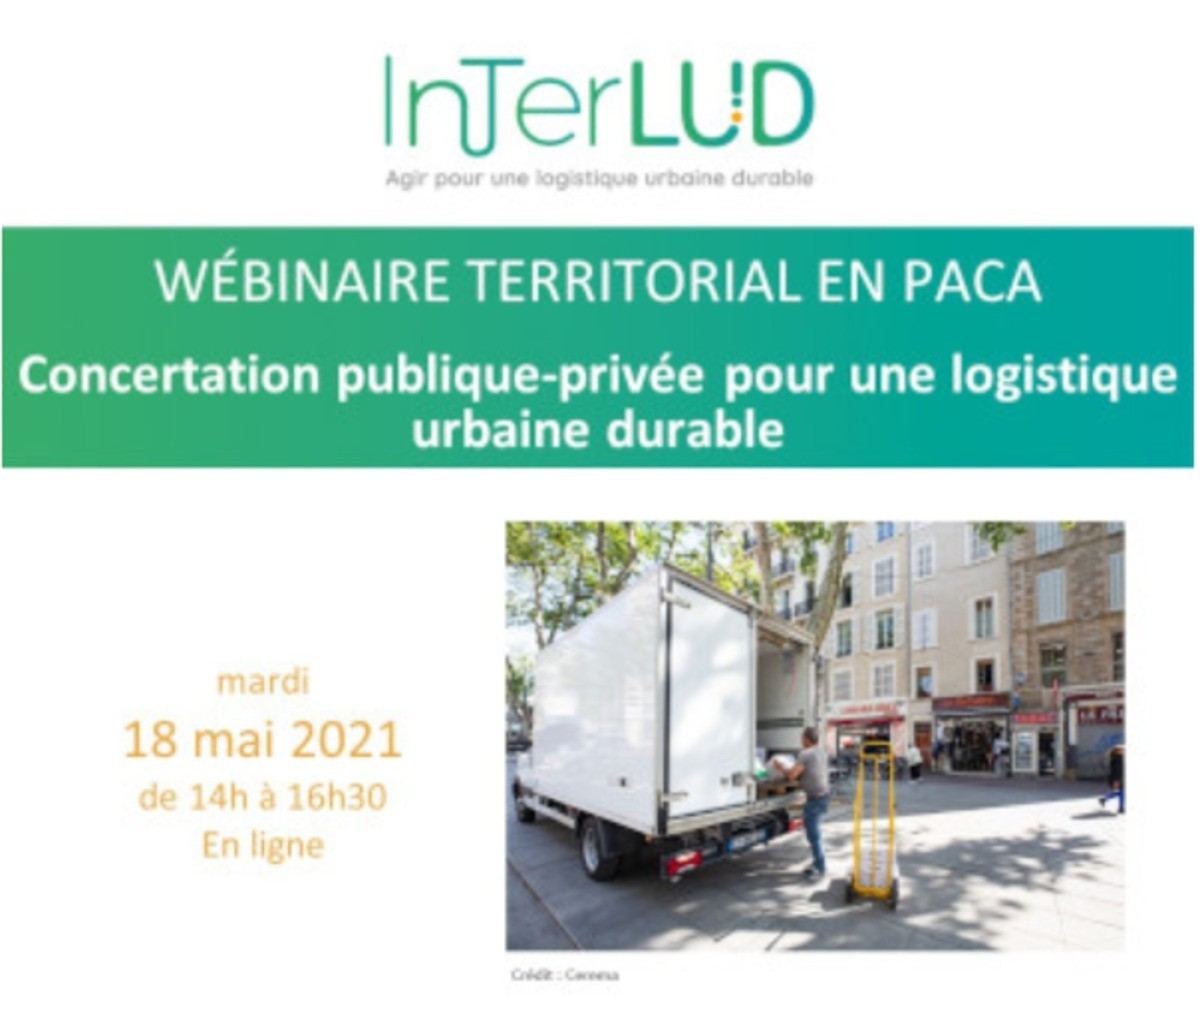 [Webinar] Concertation publique-privée pour une logistique urbaine durable